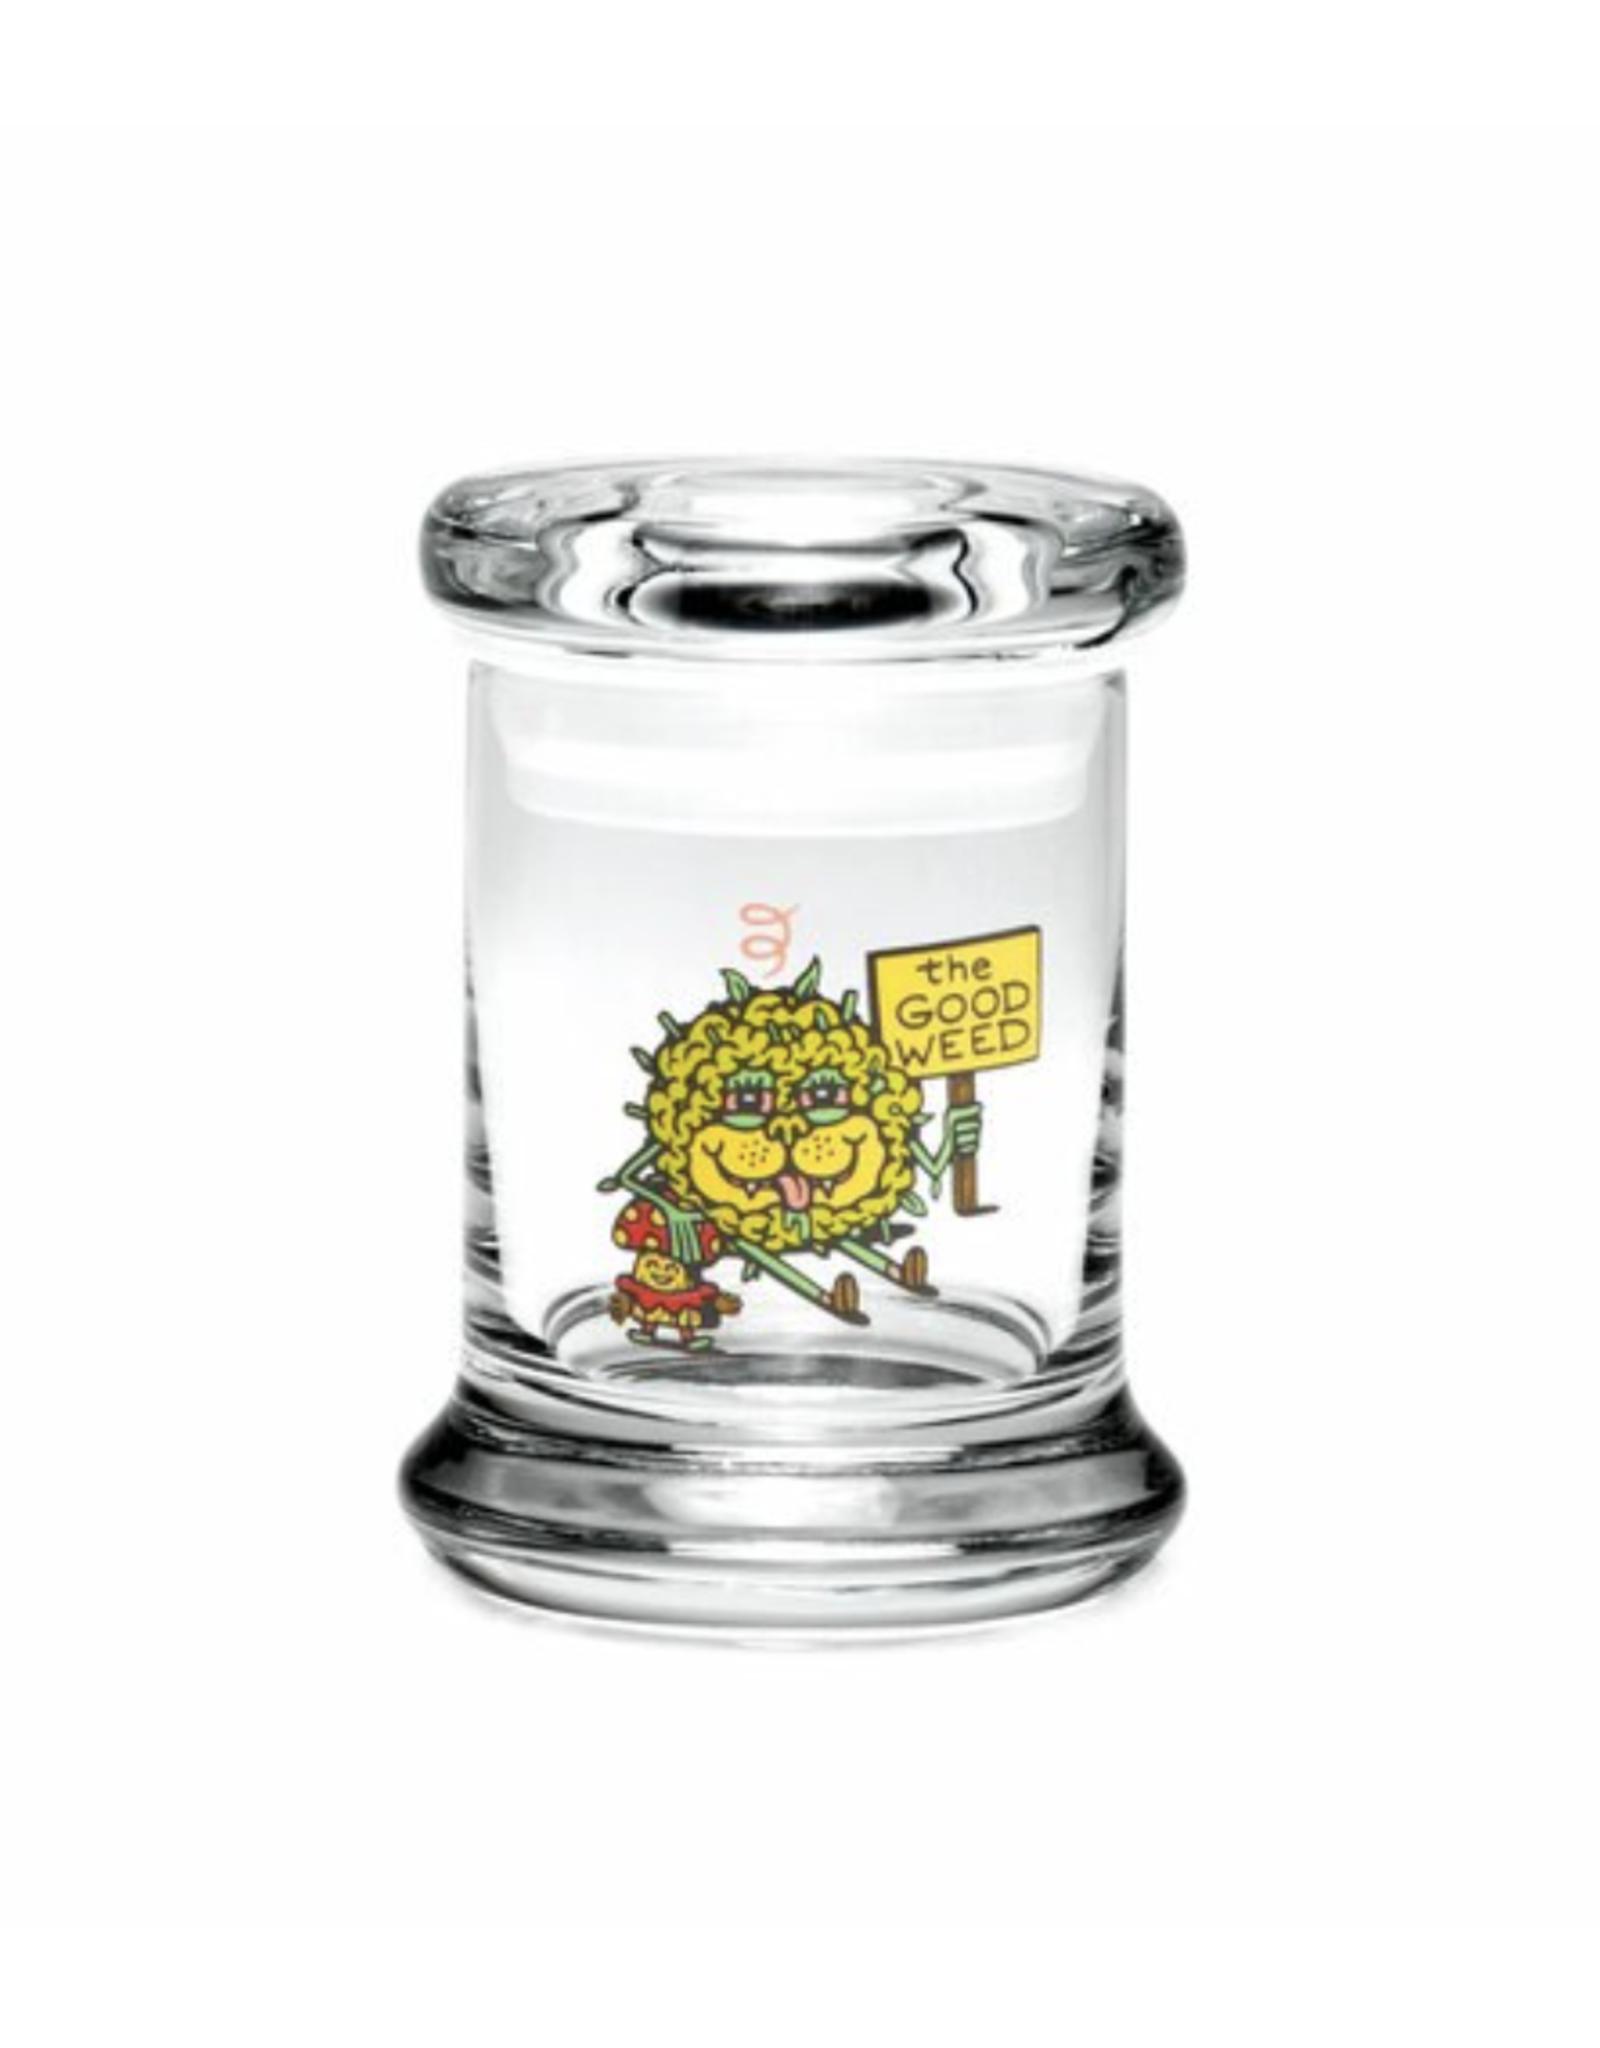 420 Science Pop Top Jar - The Good Weed